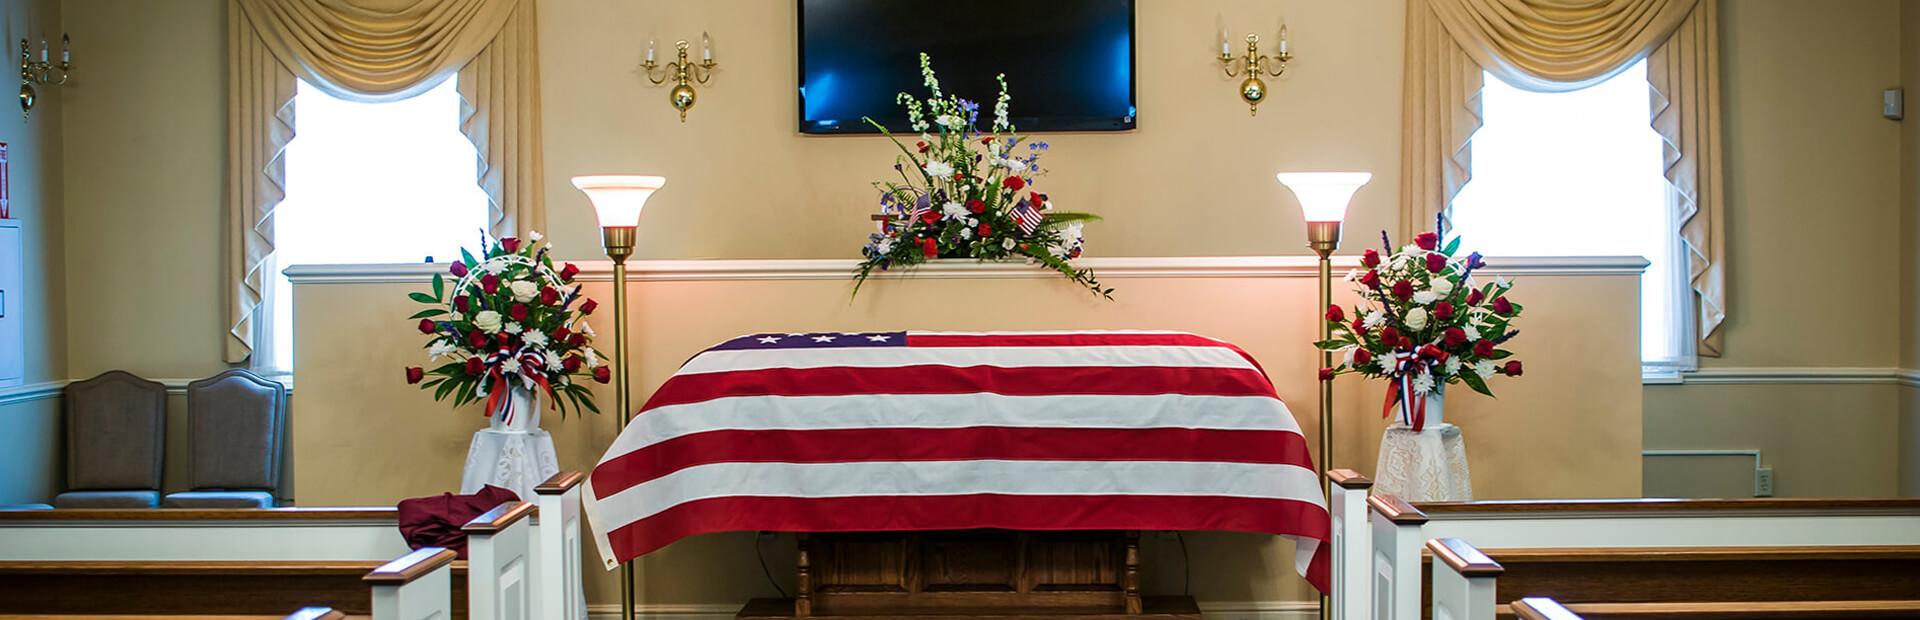 Rader Funeral Home in Daleville, VA